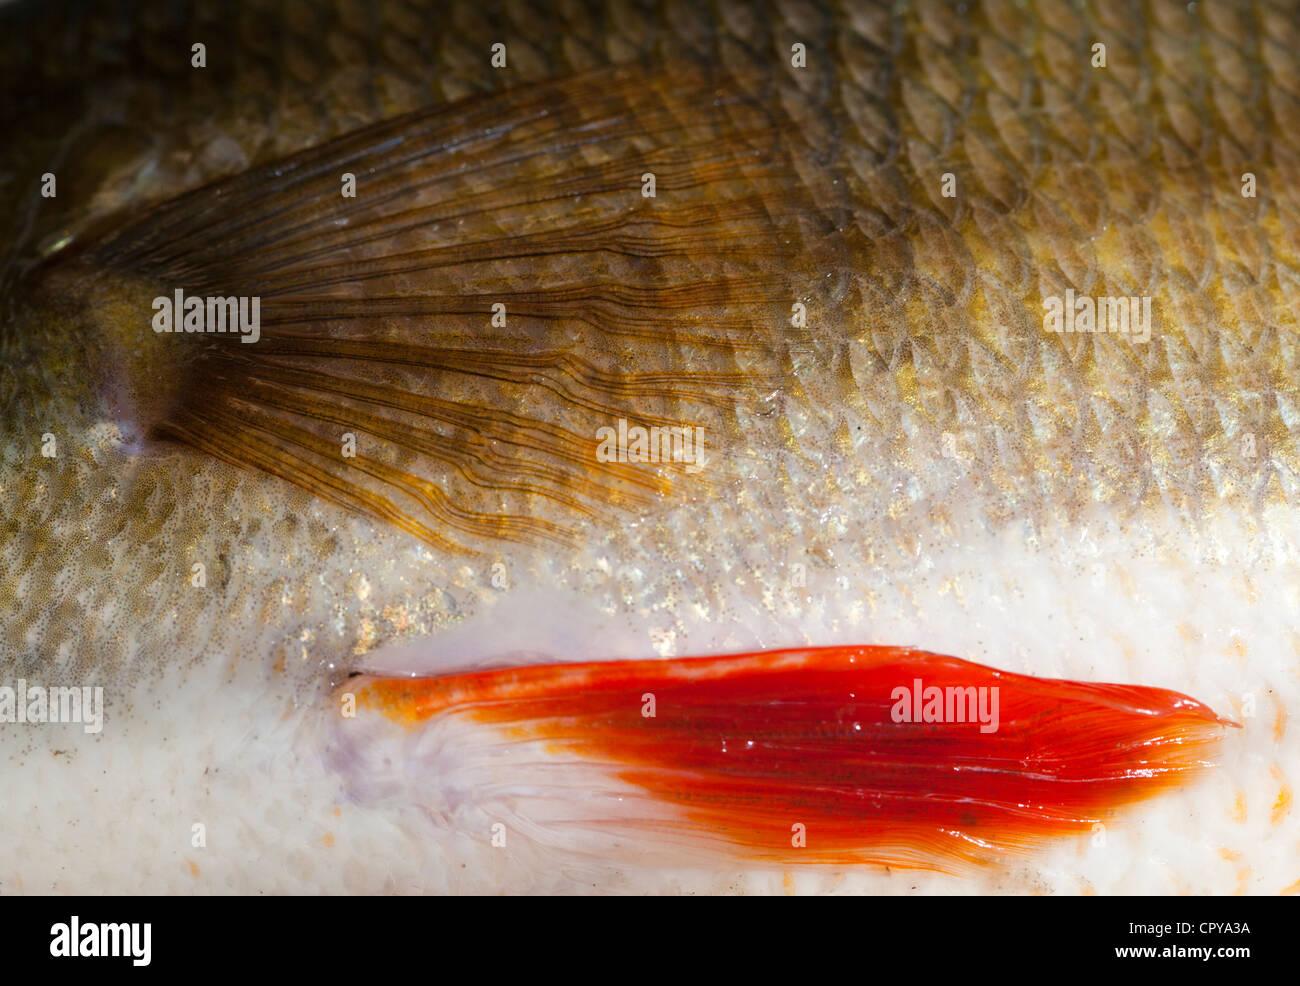 Haut und Schuppen ein 1,1 kg Süßwasser Barsche (Percha Fluviatilis) Stockfoto